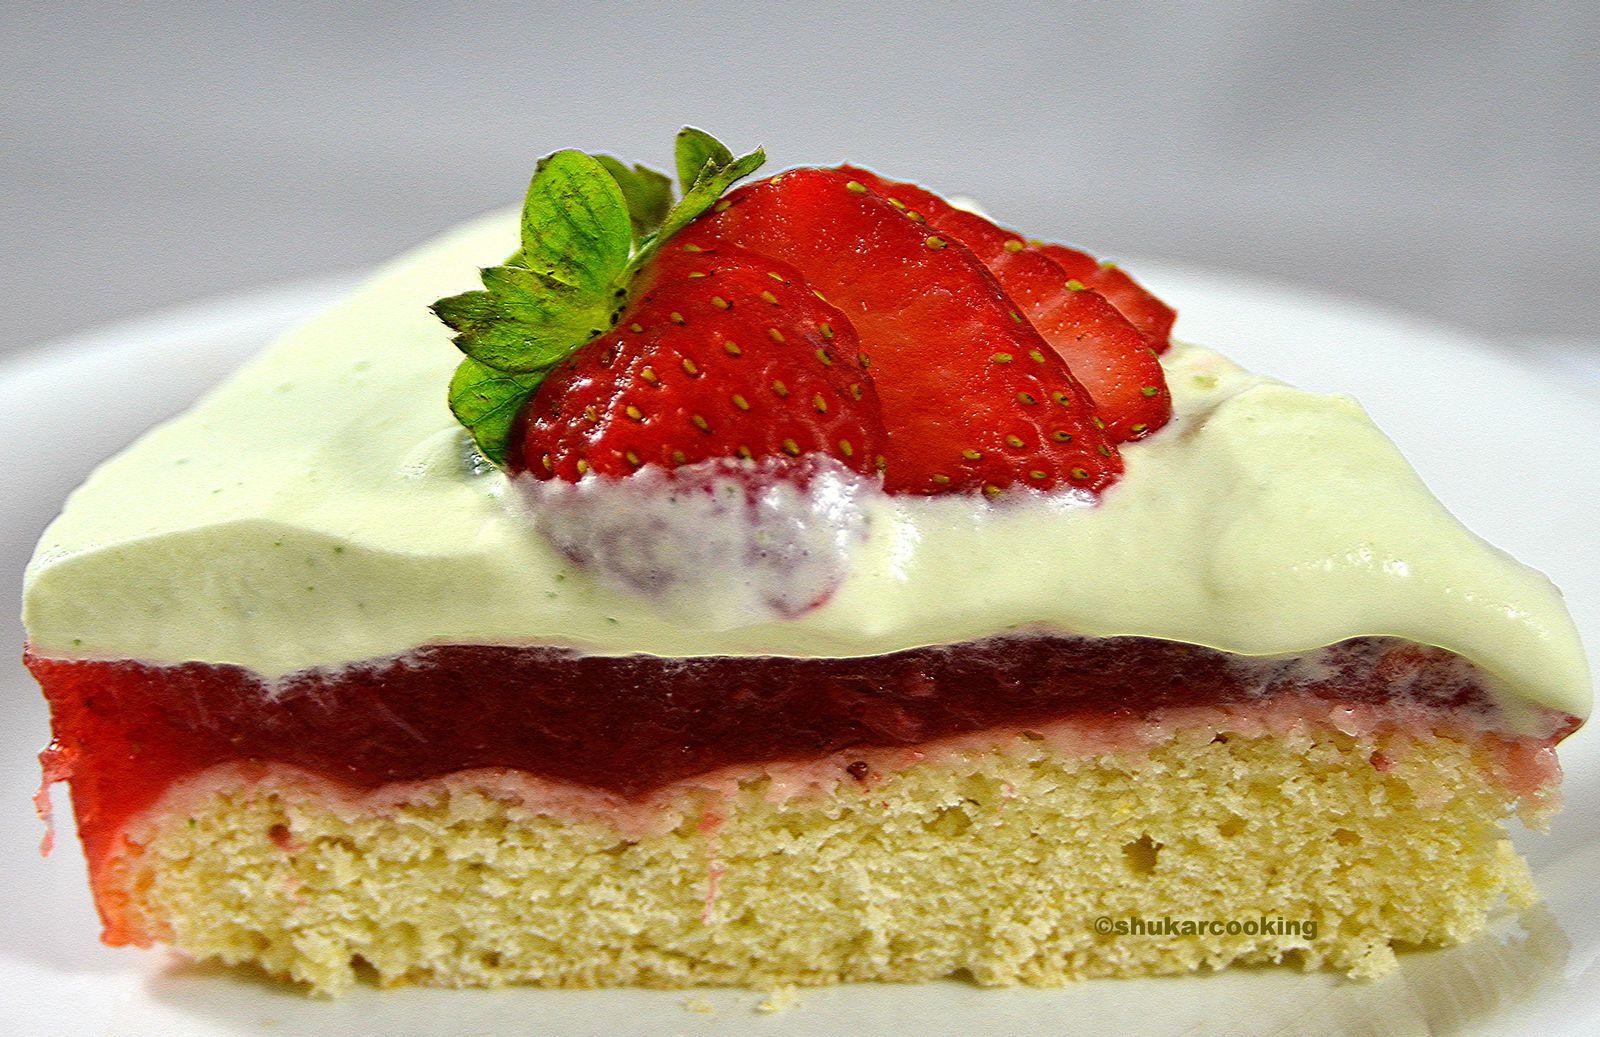 Gâteau aux fraises, chantilly au basilic et biscuit à l'huile d'olive